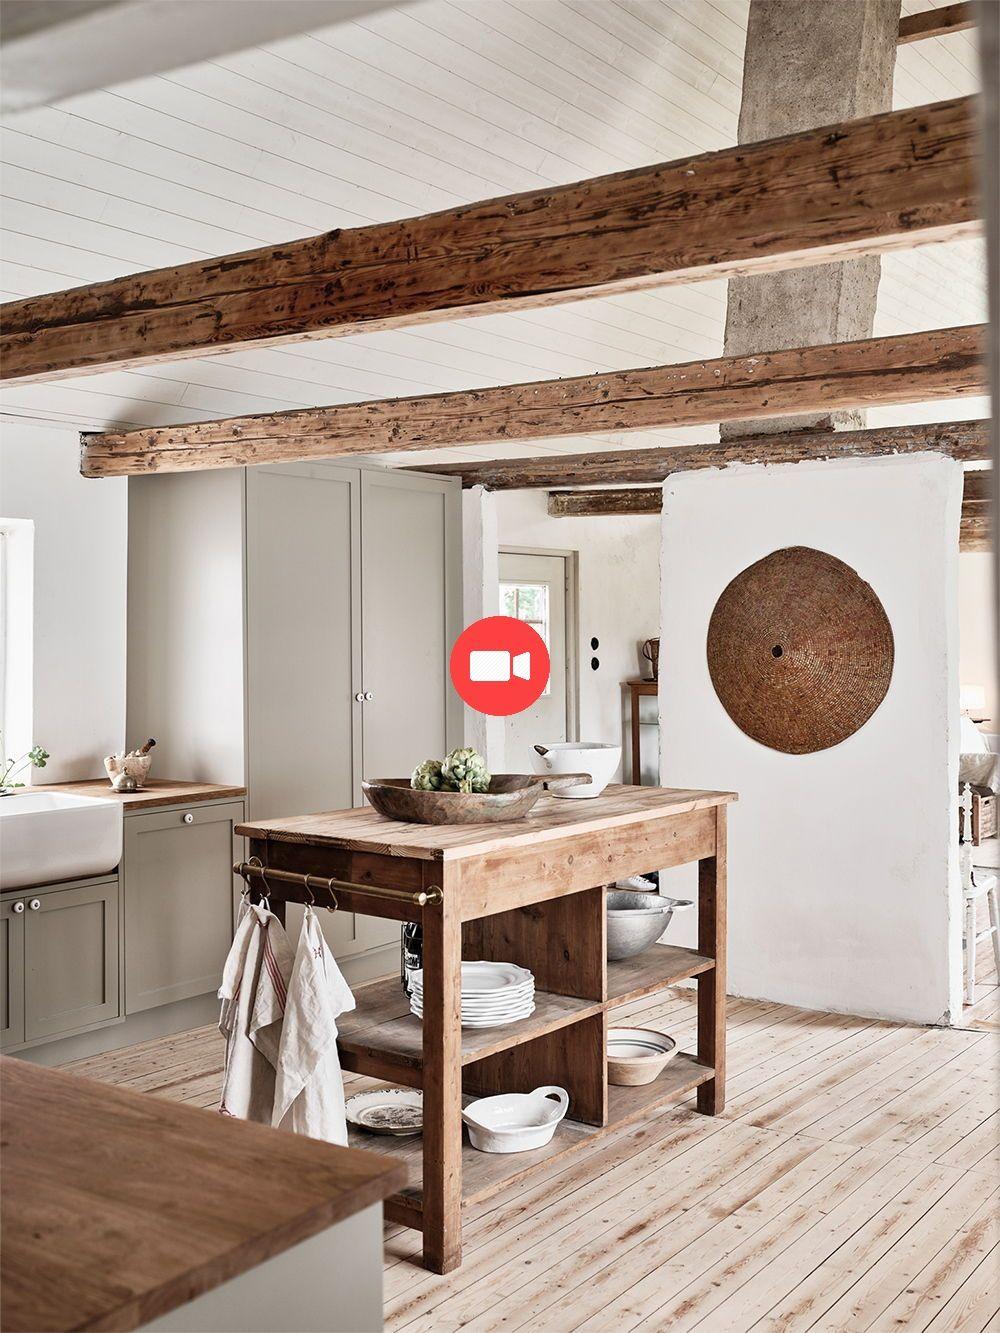 Nordiska Kk Cuisine De Ferme Pour Ellen Dixdotter Sur Sterlen Le Cœur De La Maison Est Le S Cuisines De Ferme Modernes Interieur De Cuisine Cuisine Nordique